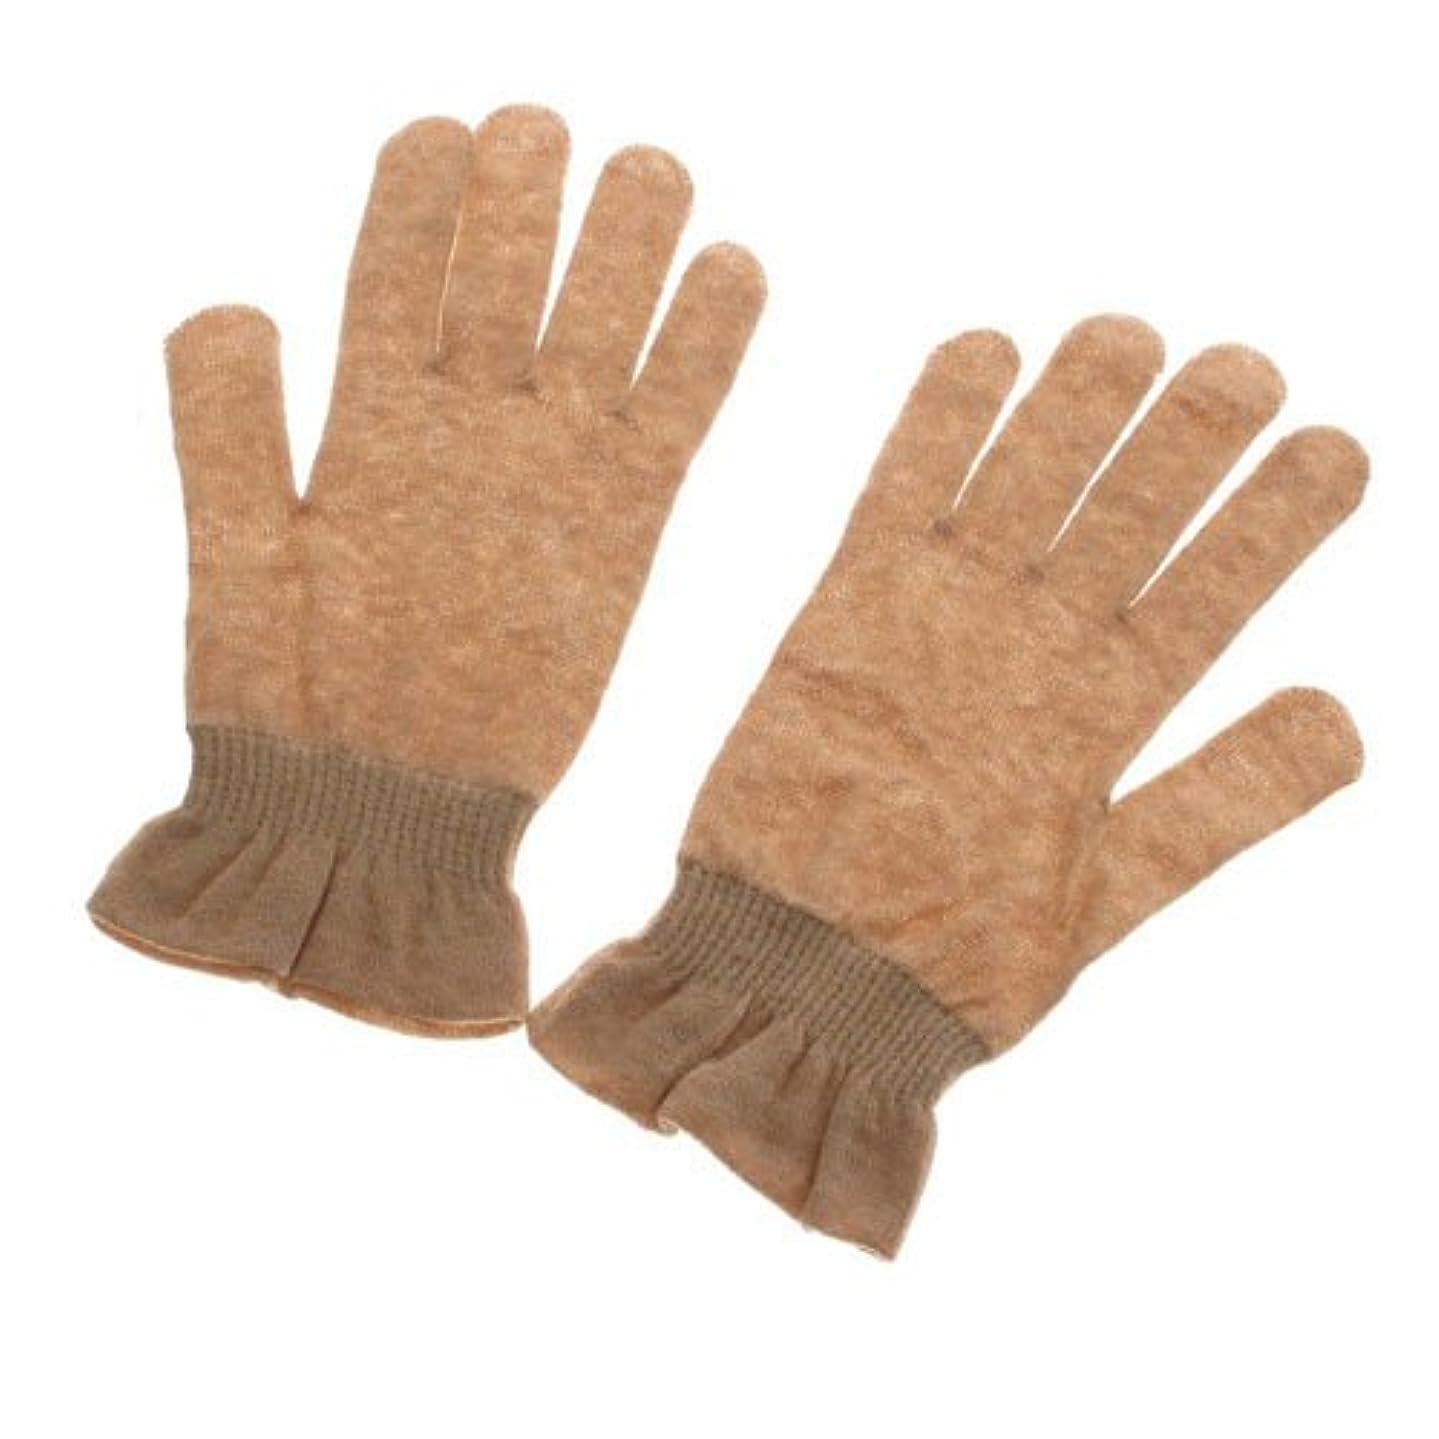 送信するアセゲートオーガニックコットン天衣無縫 UVカット手袋?エステ ブラウン フリー